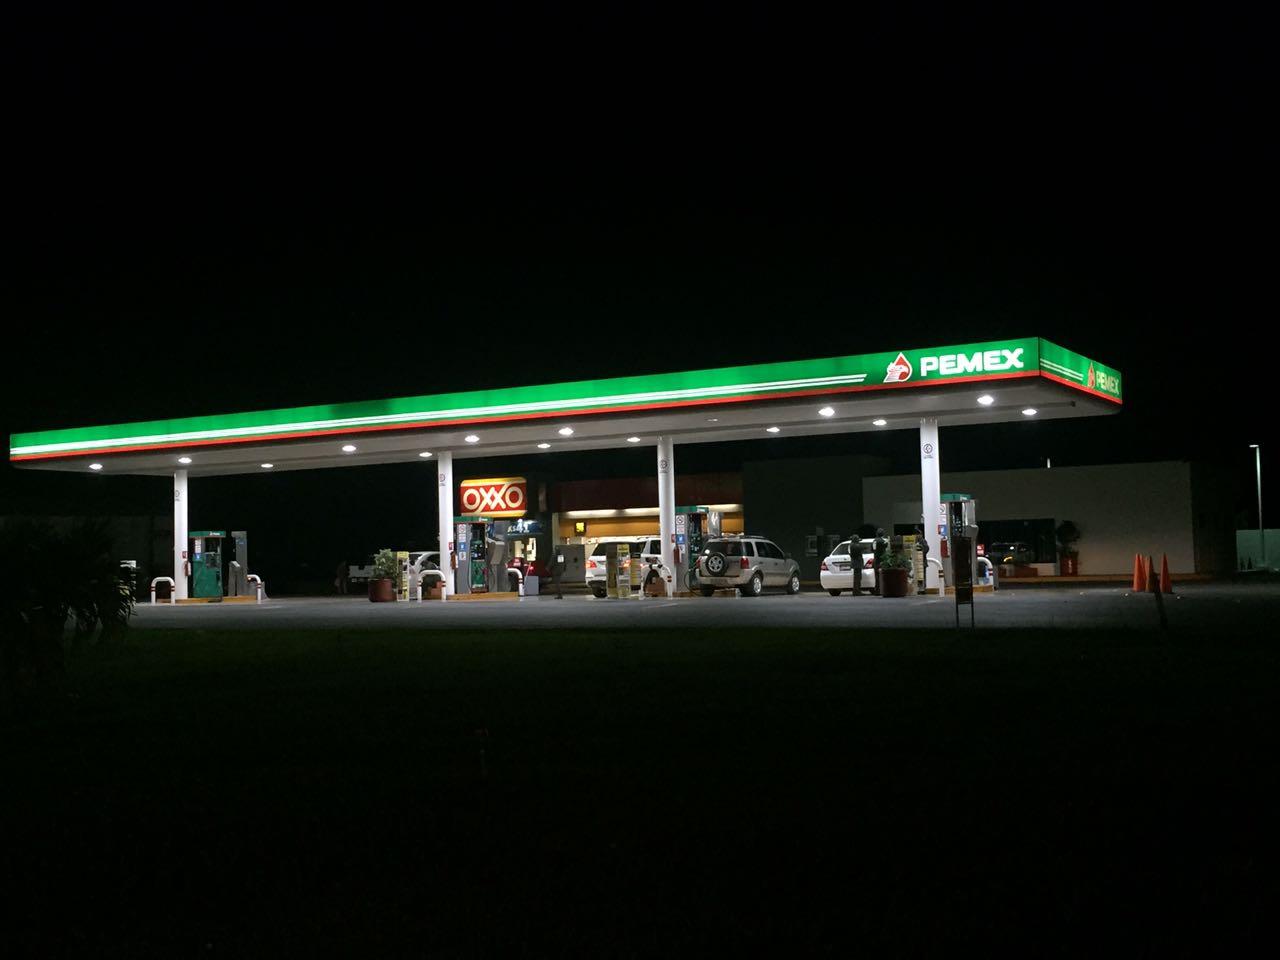 Cae producción de gasolinas 35%